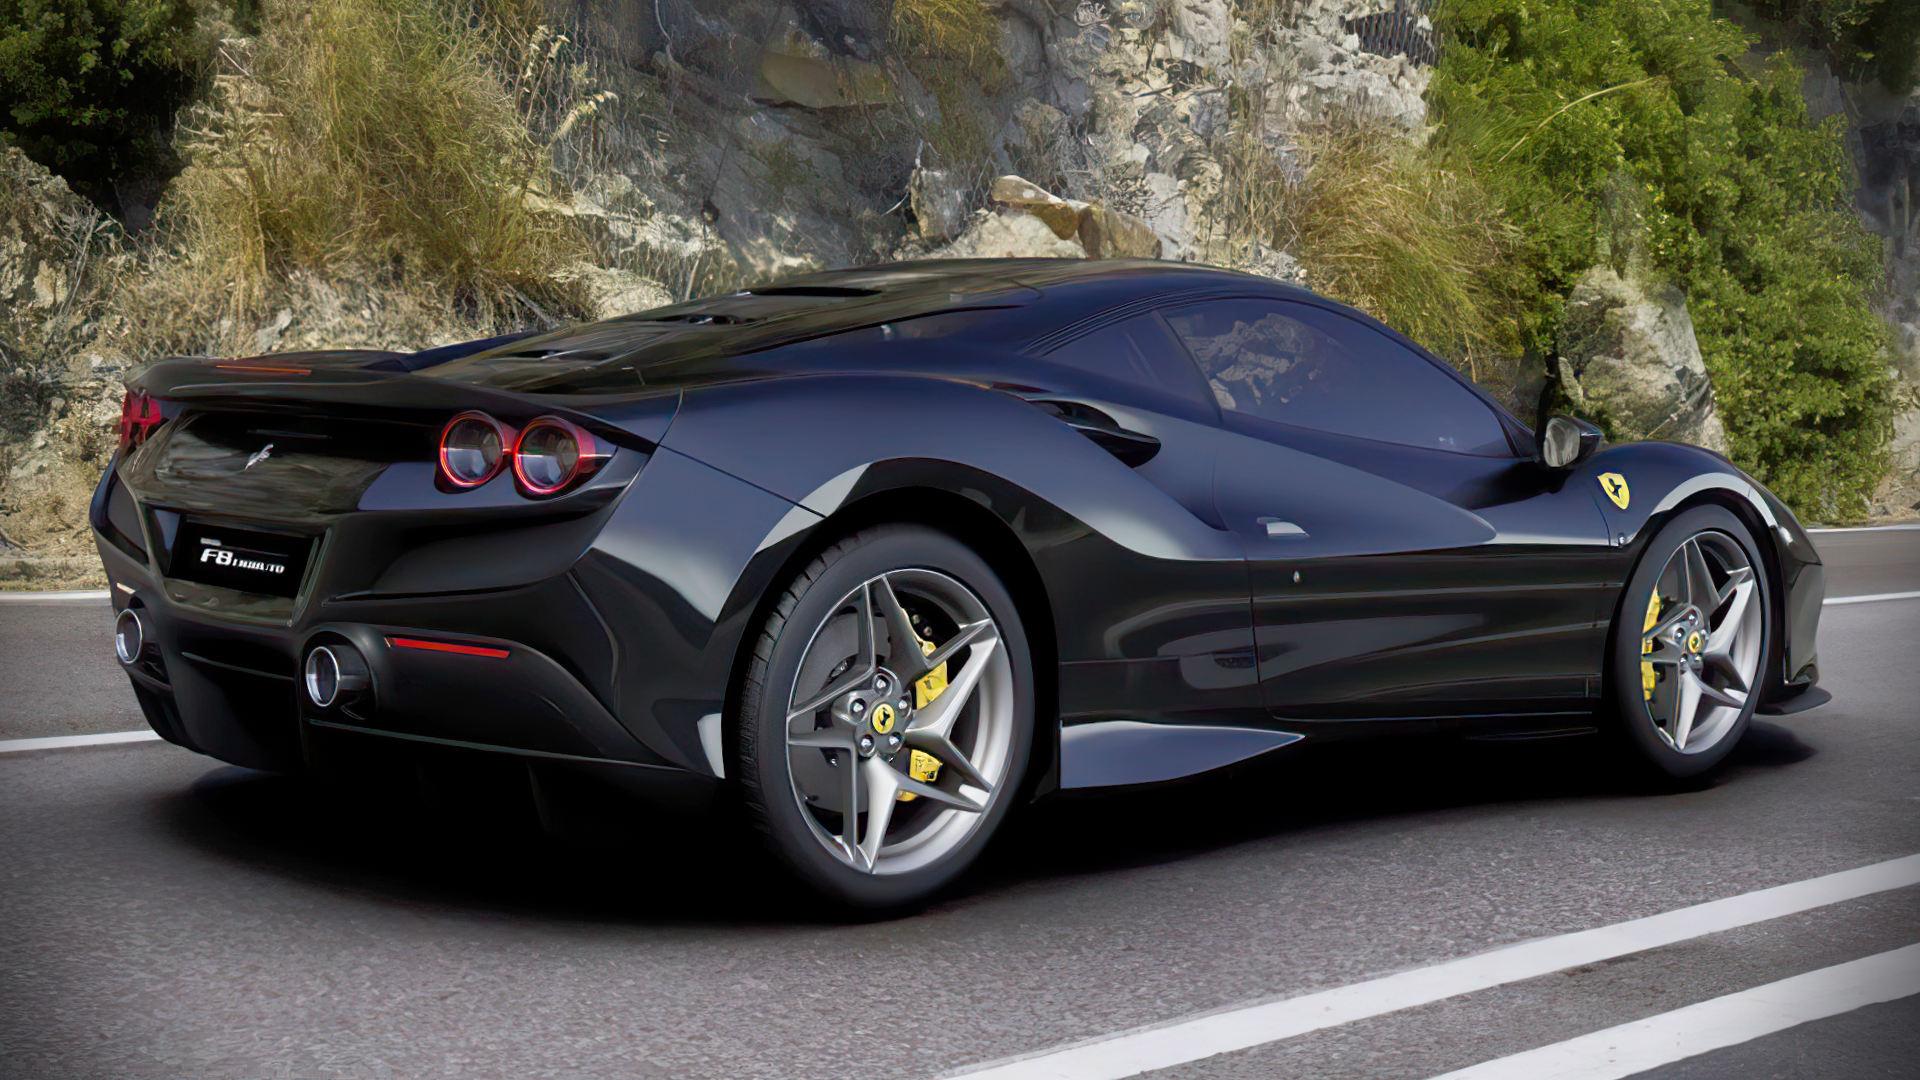 Ferrari F8 Tributo 2020 Black